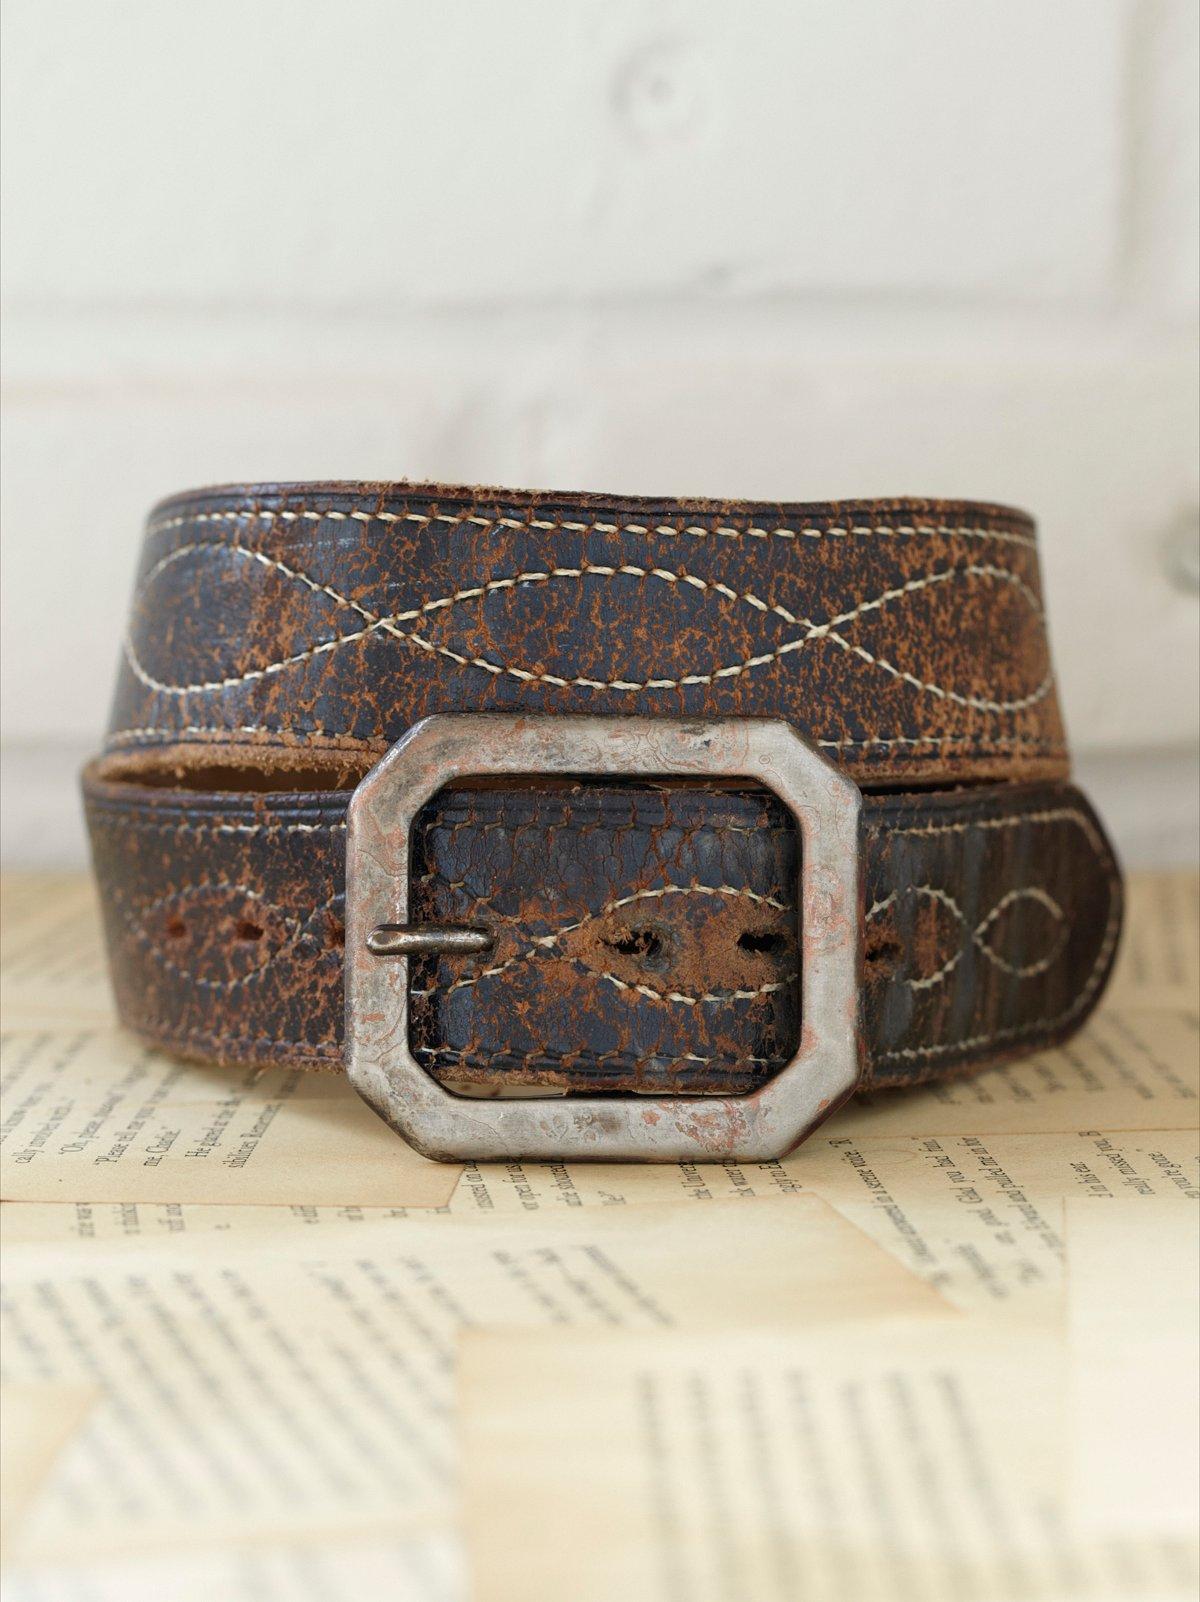 Vintage 1970s Troublemaker Belt